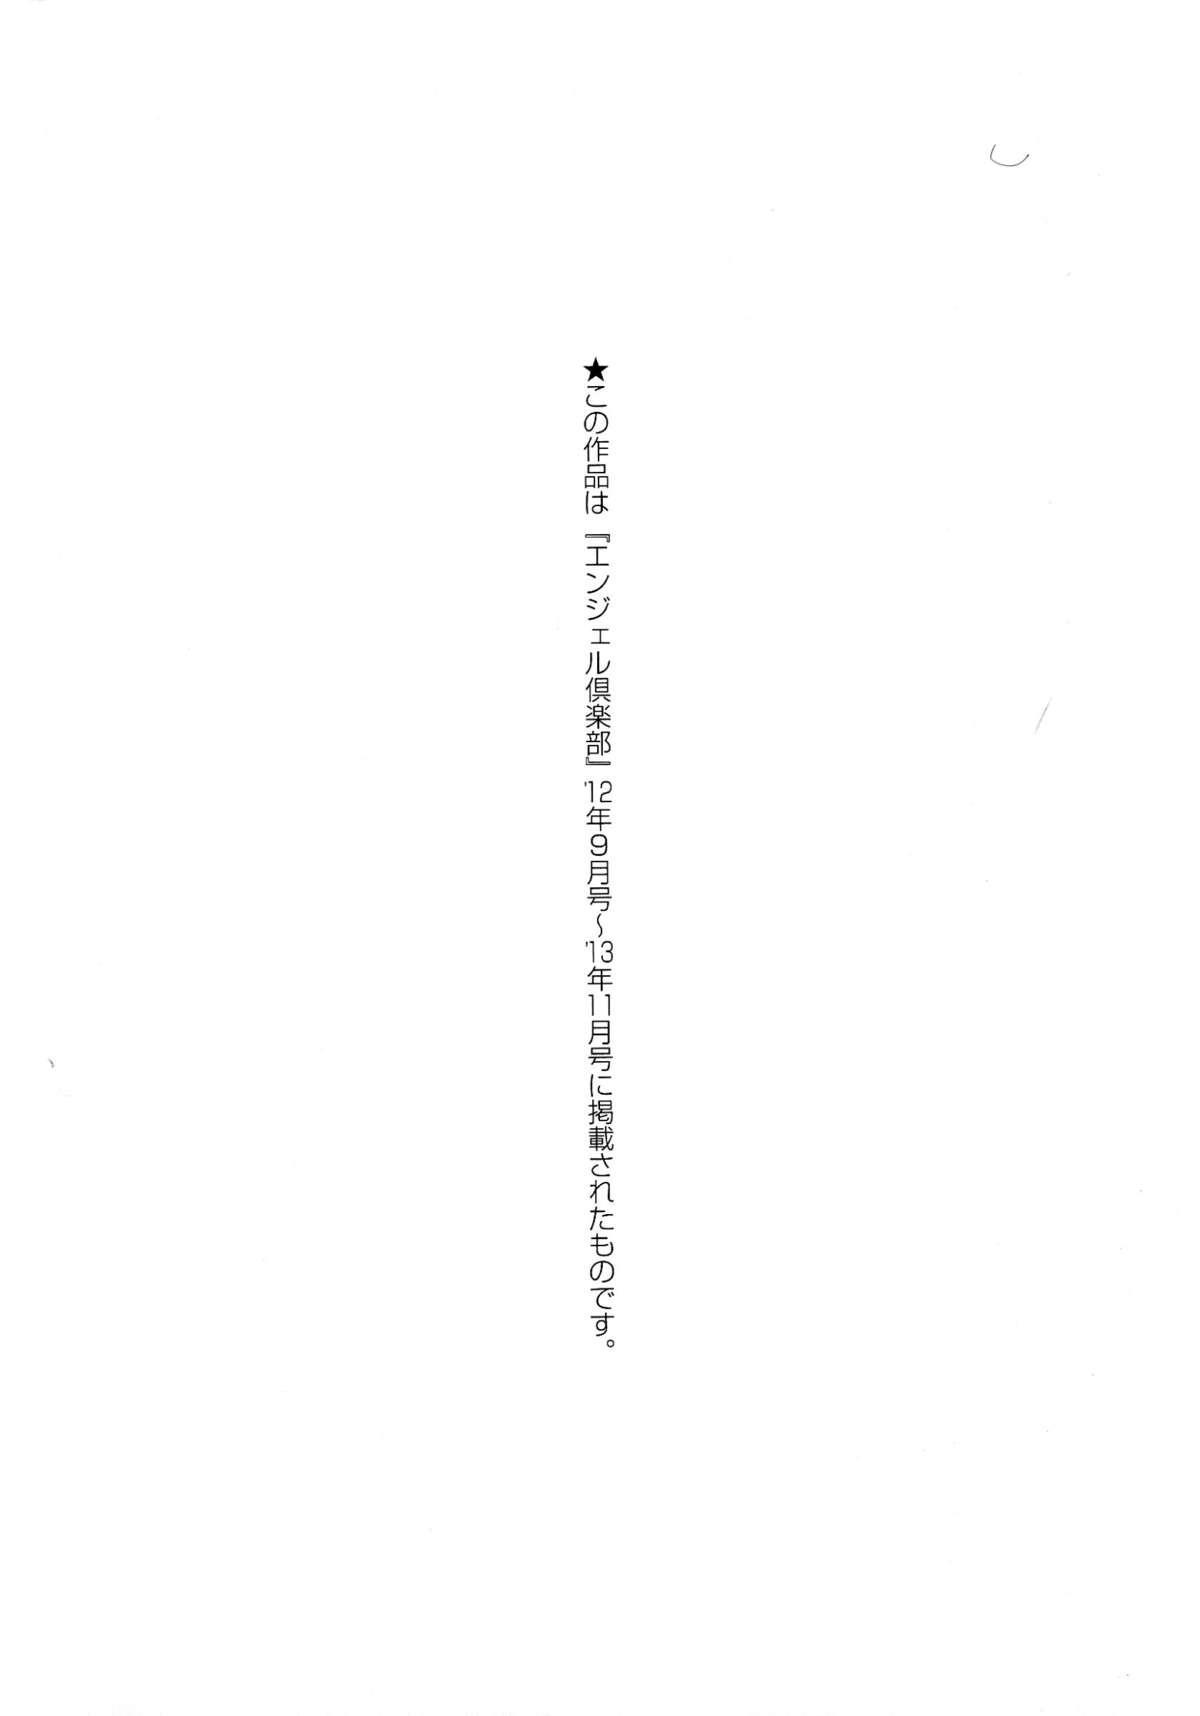 [Yokkora] Megabody Night ~Watashi no Oniku wo Meshiagare~ | Megabody Night ~My voluptuous body & mom love~ [English] {Laruffi + desudesu + EHCOVE} 169